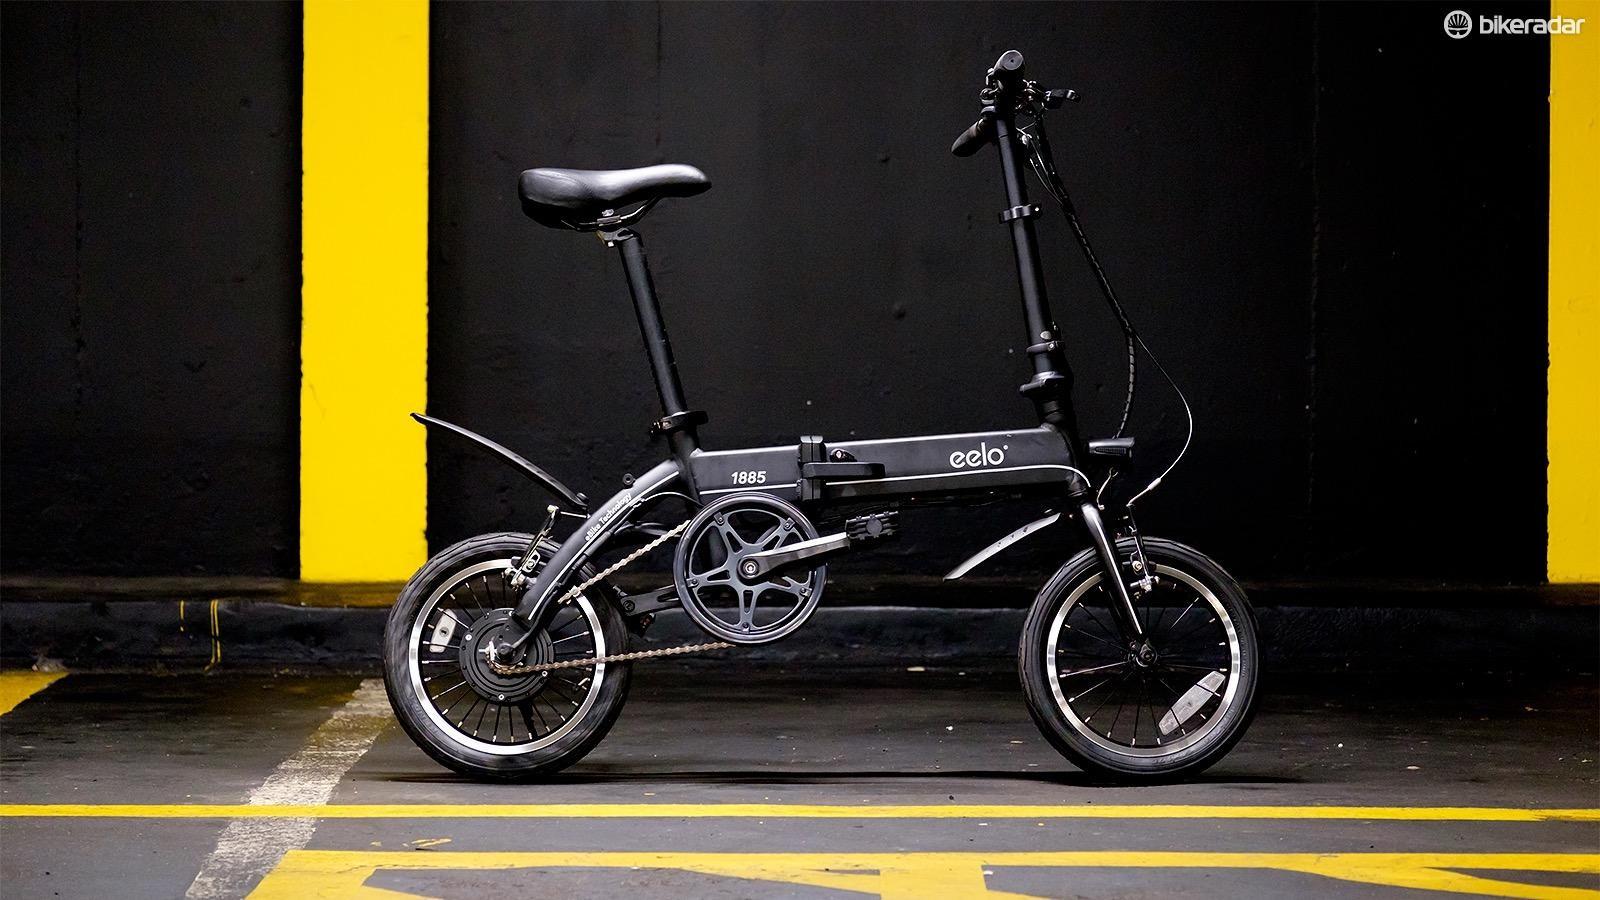 The Eelo 1885 is a folding e-bike for those on a budget